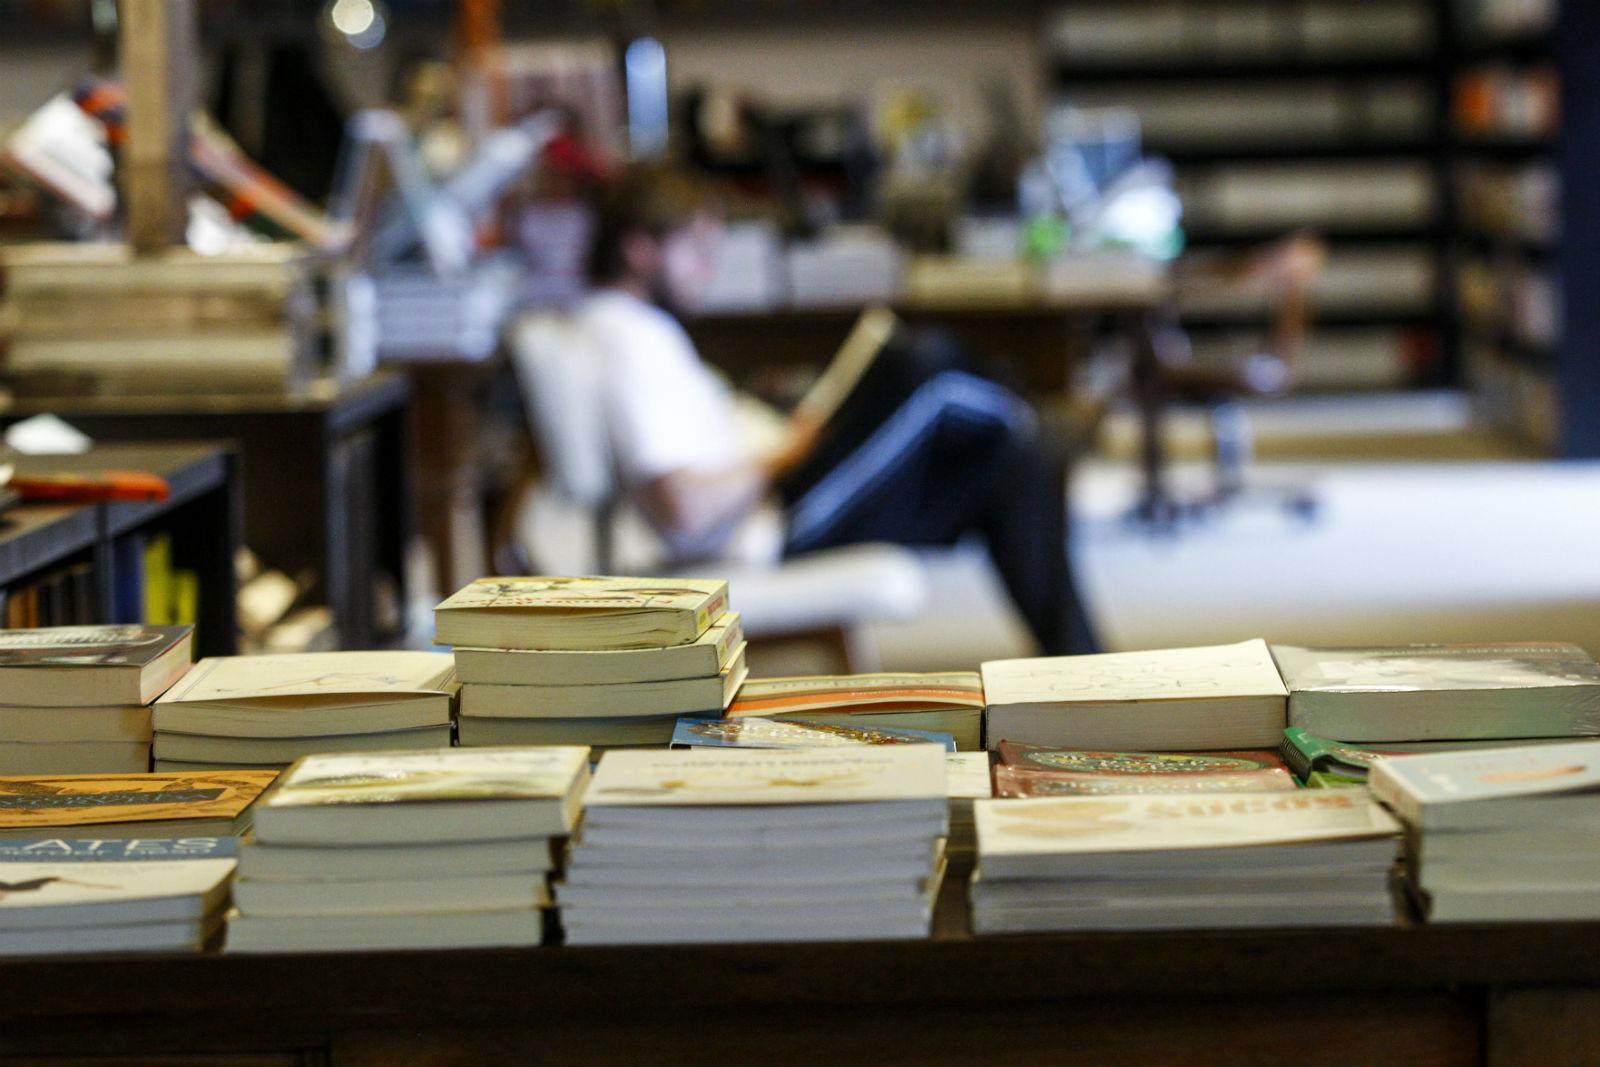 Membros do Clube Gazeta do Povo têm até 40% de desconto em livros